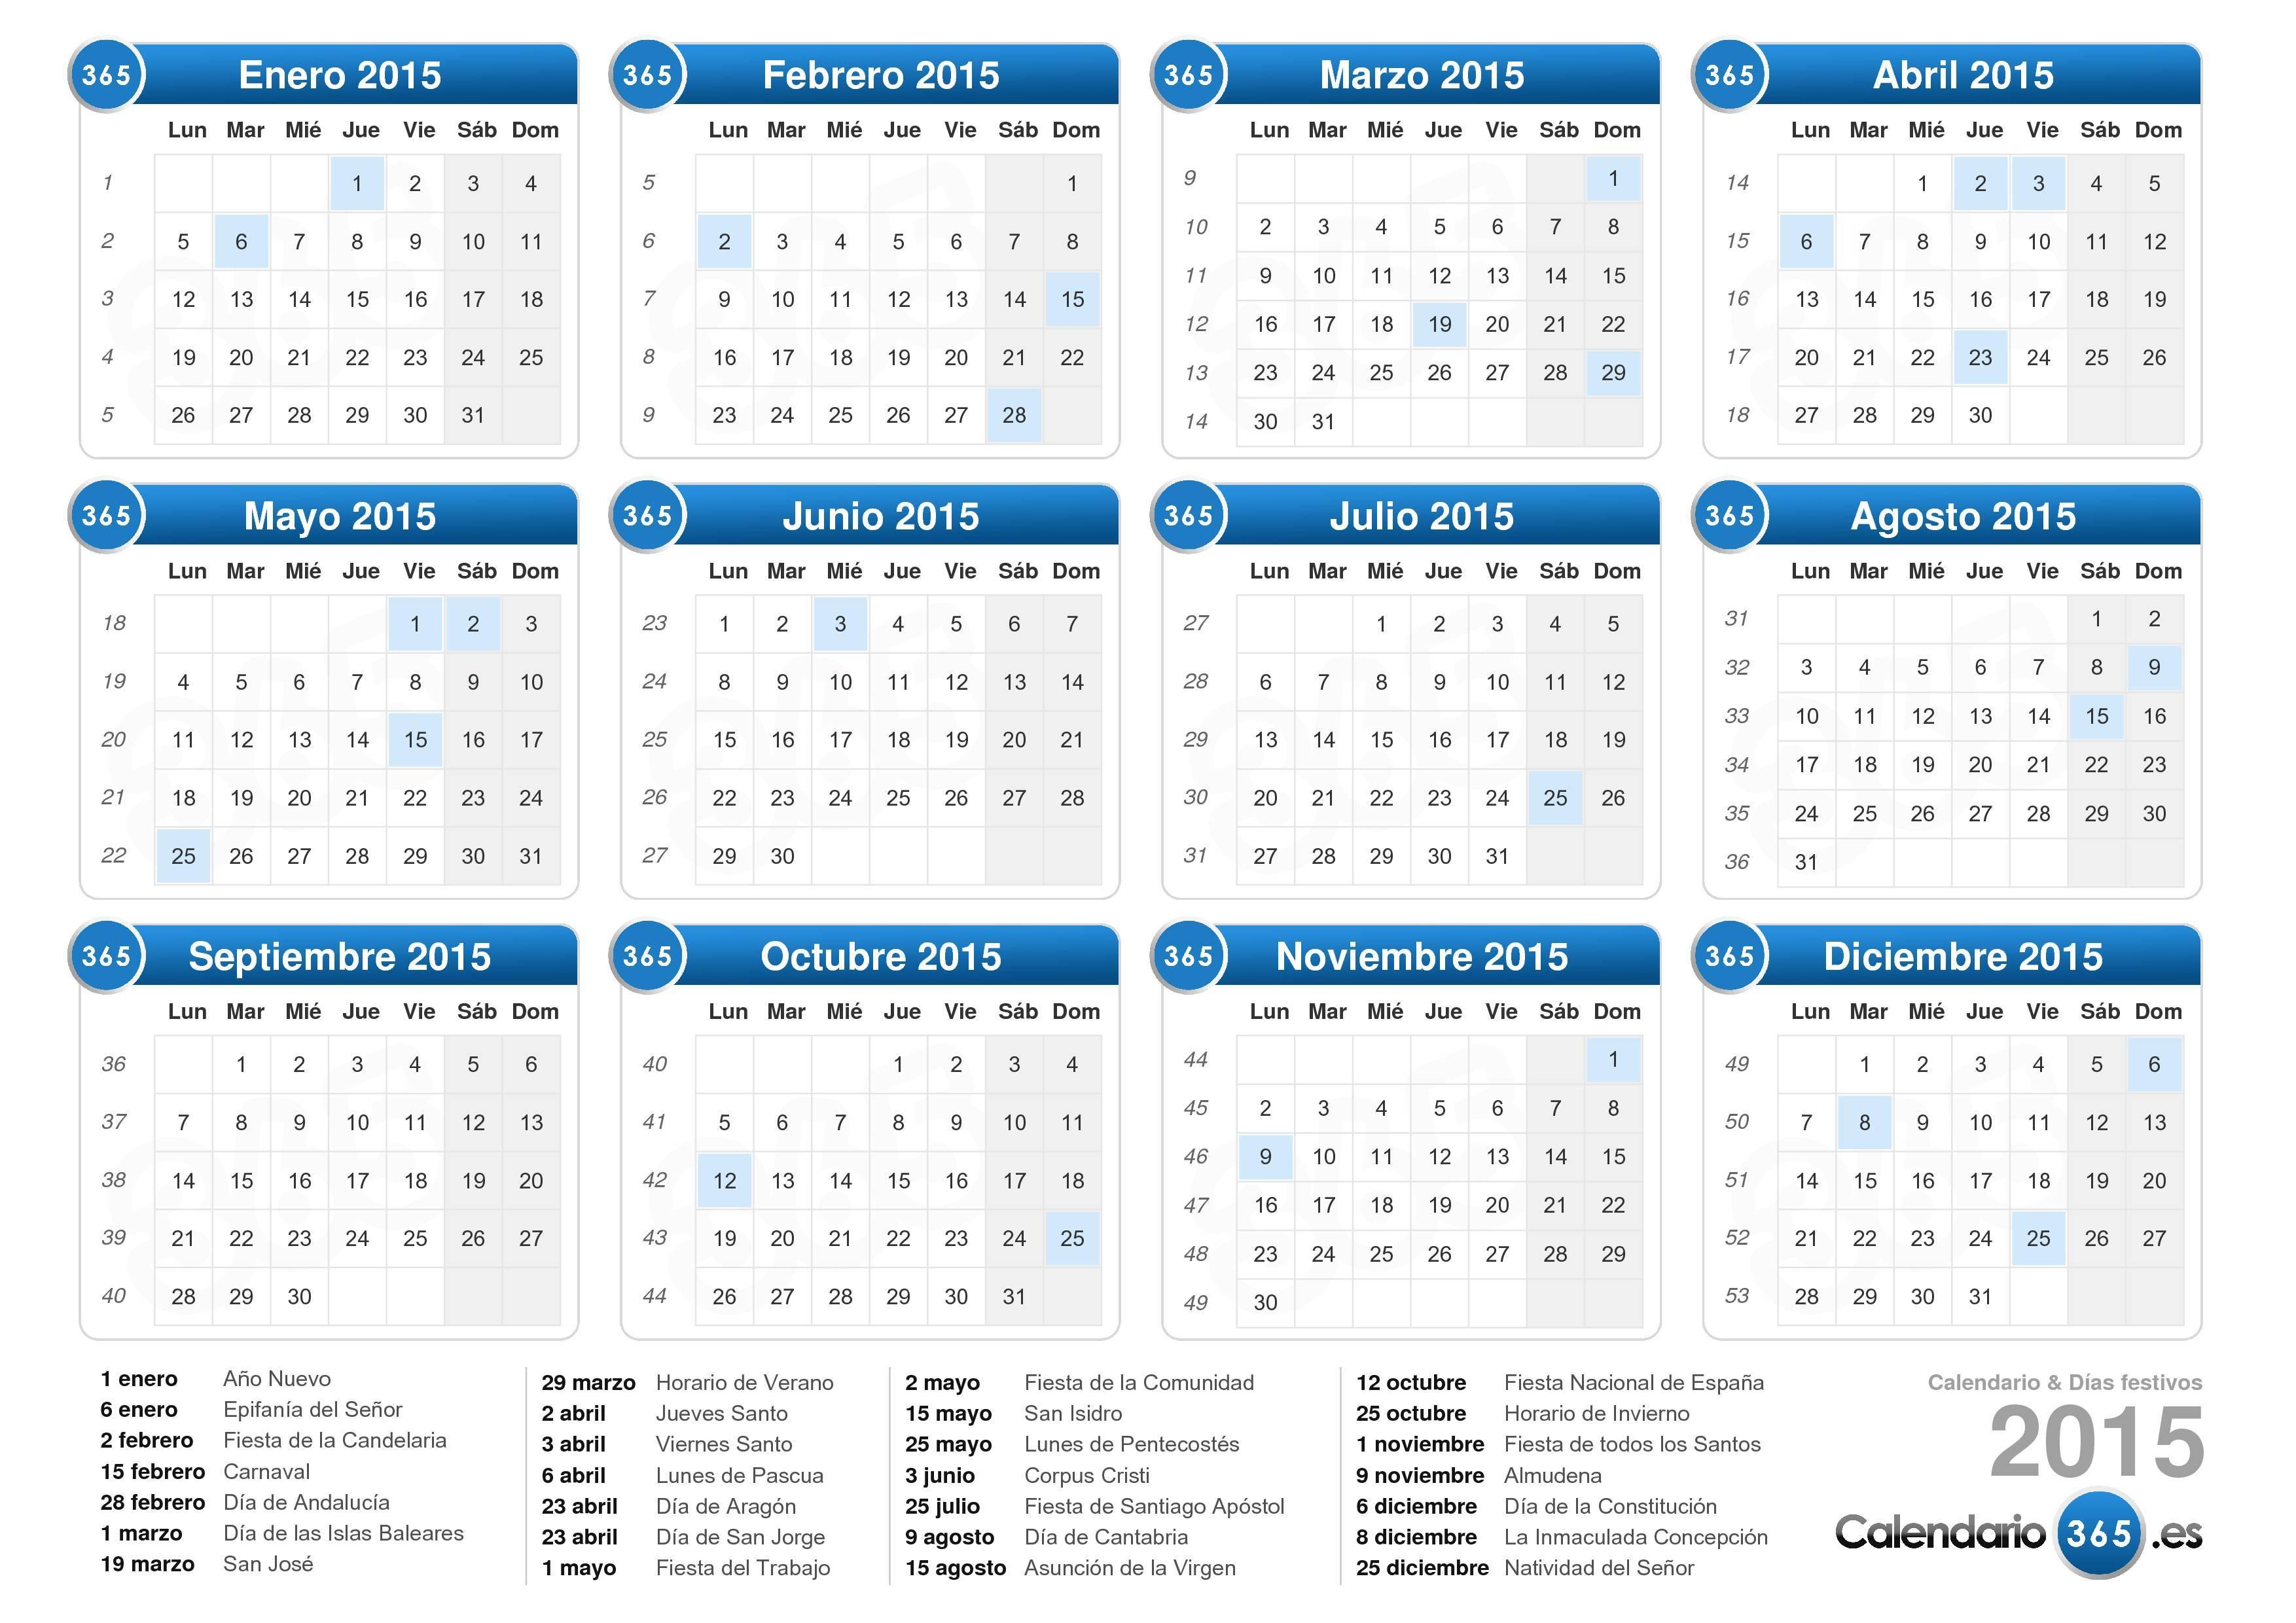 Calendario con días festivos 2015